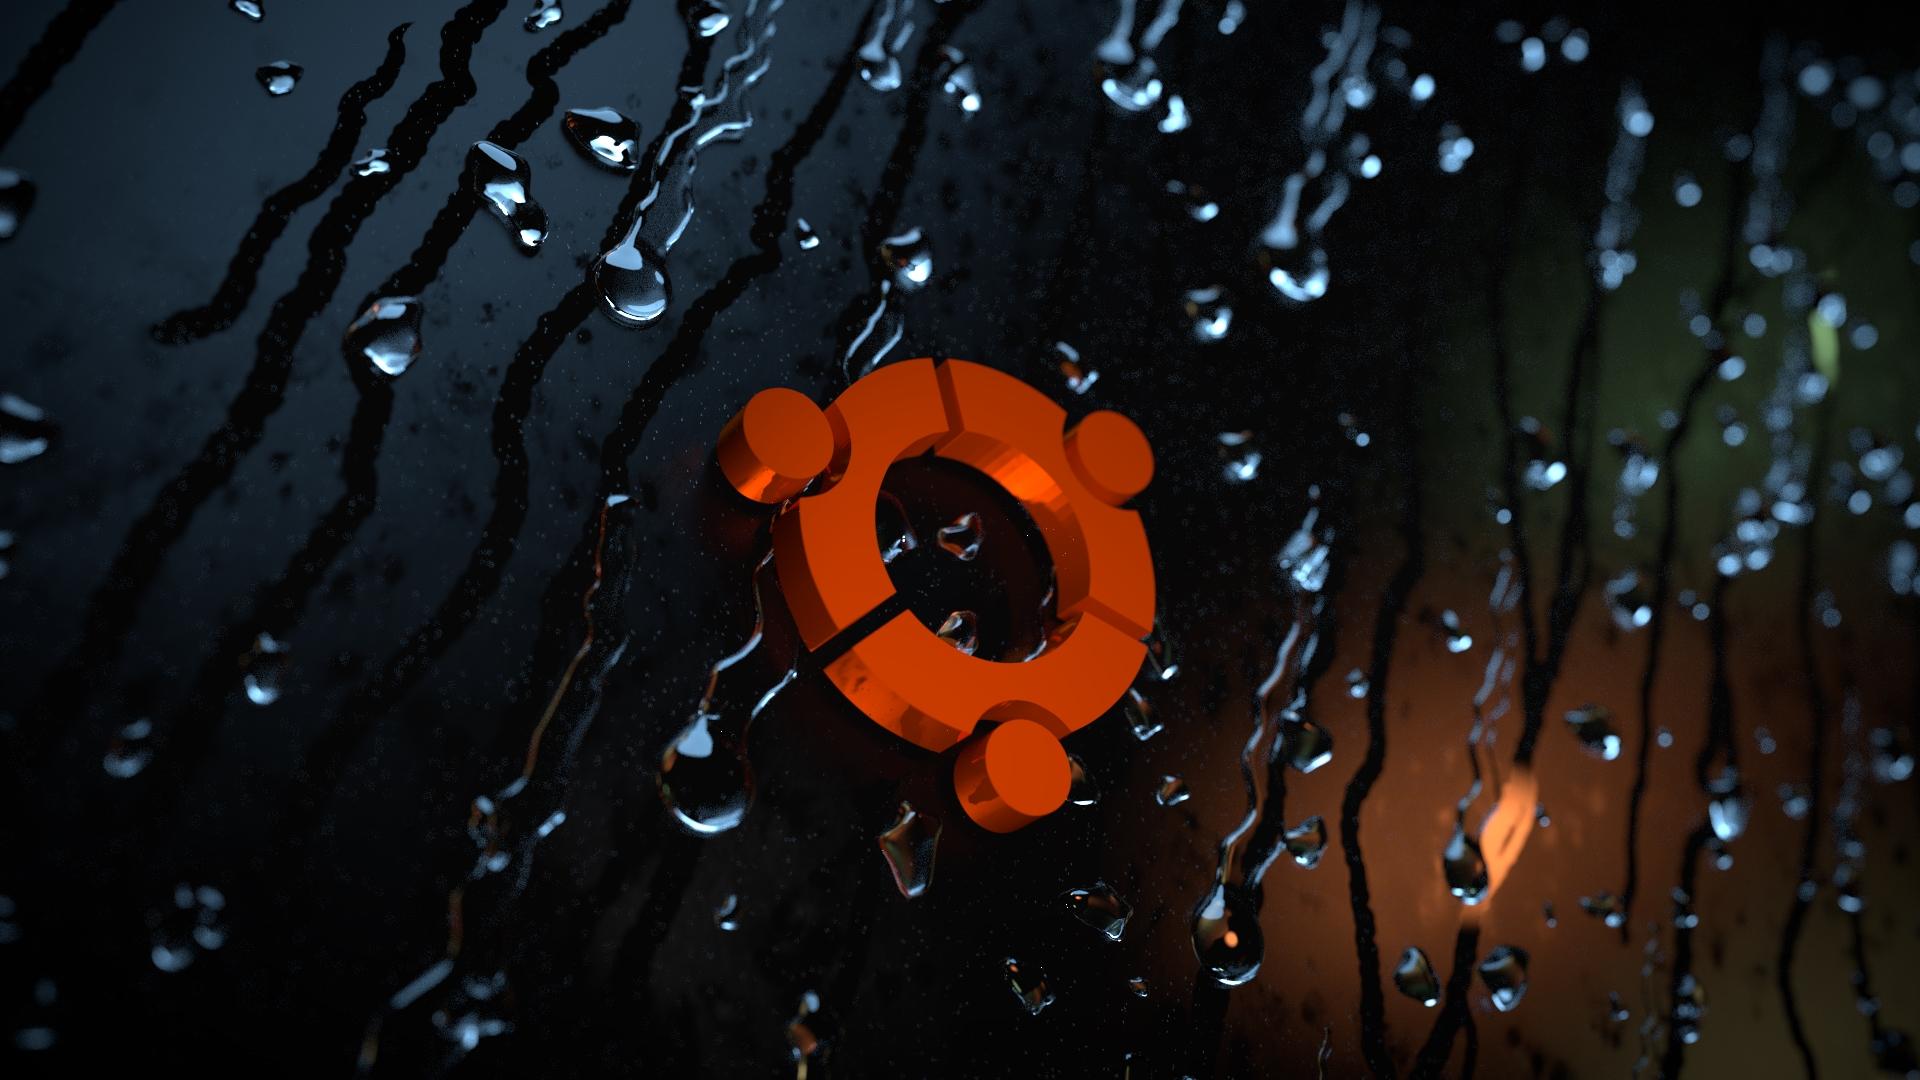 Ubuntu Wallpaper Download